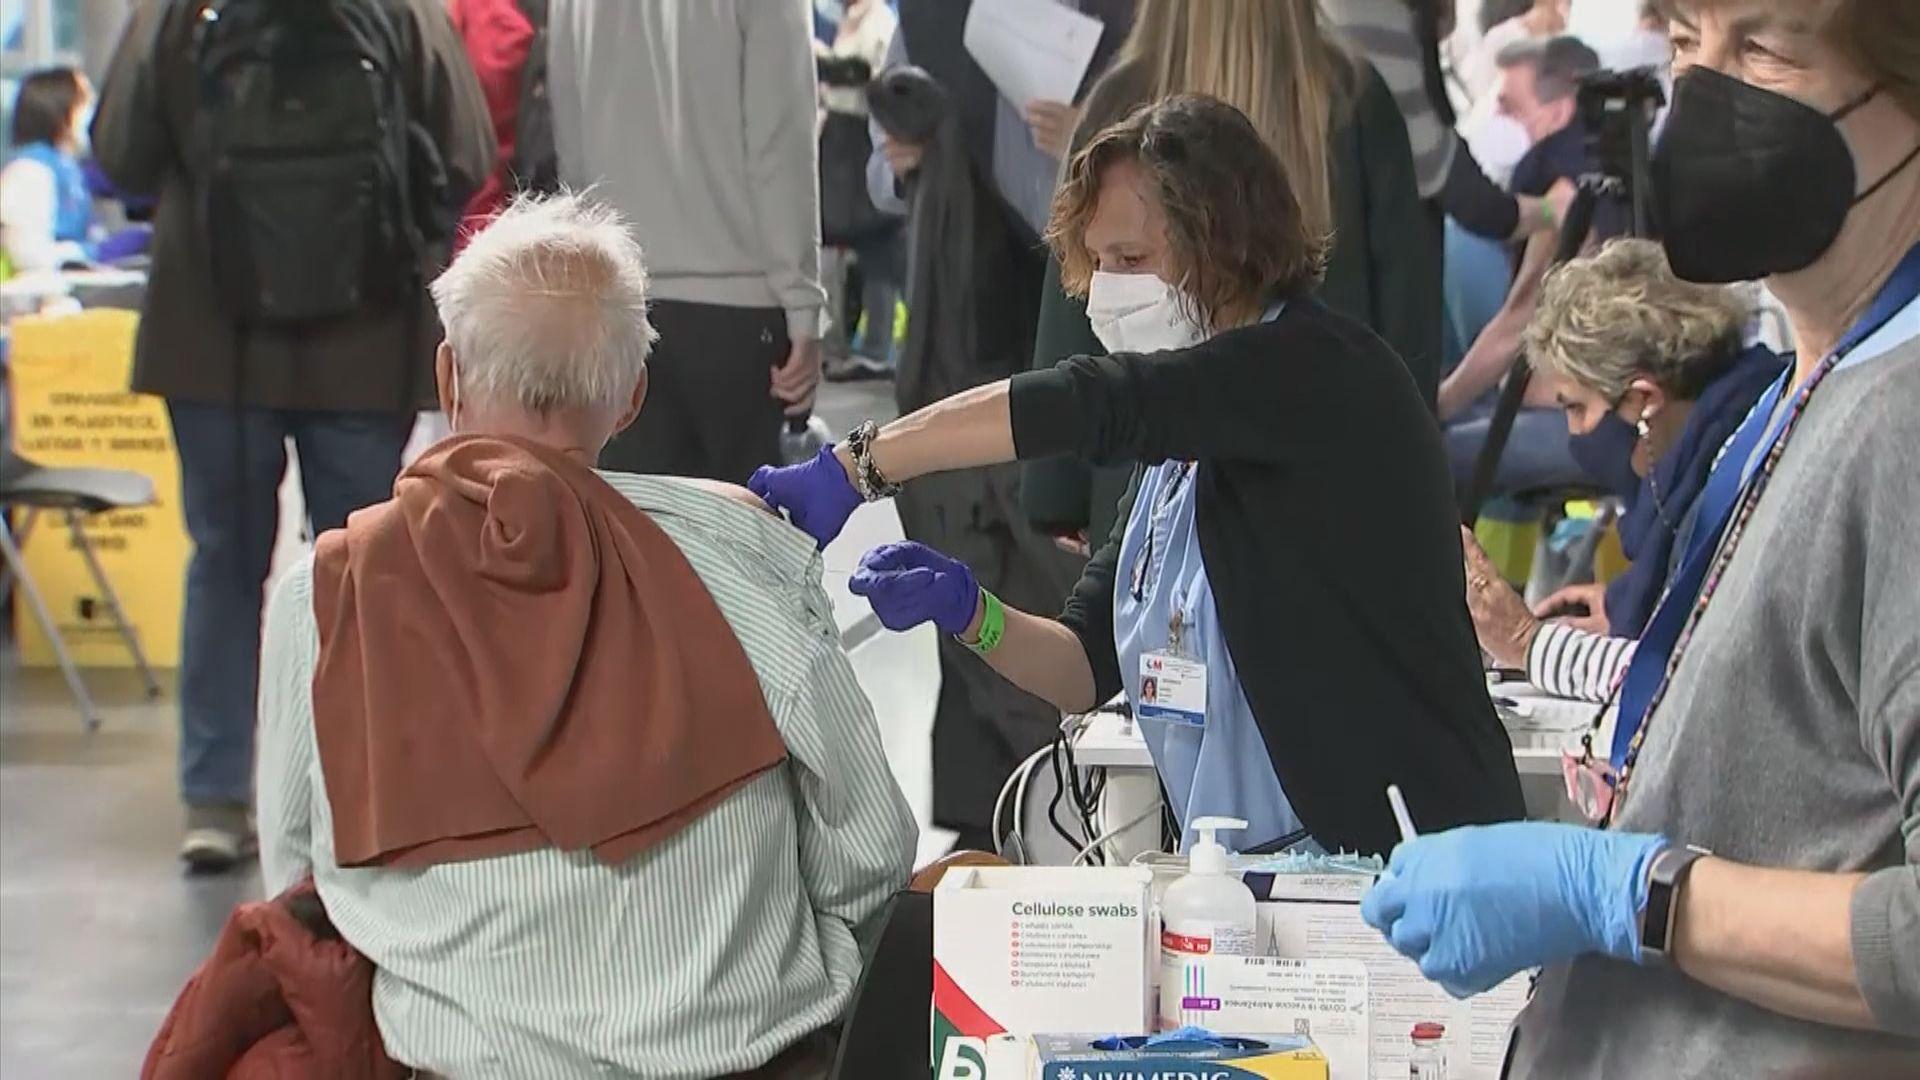 研究指新冠病毒患者出現血栓機會比接種疫苗民眾高